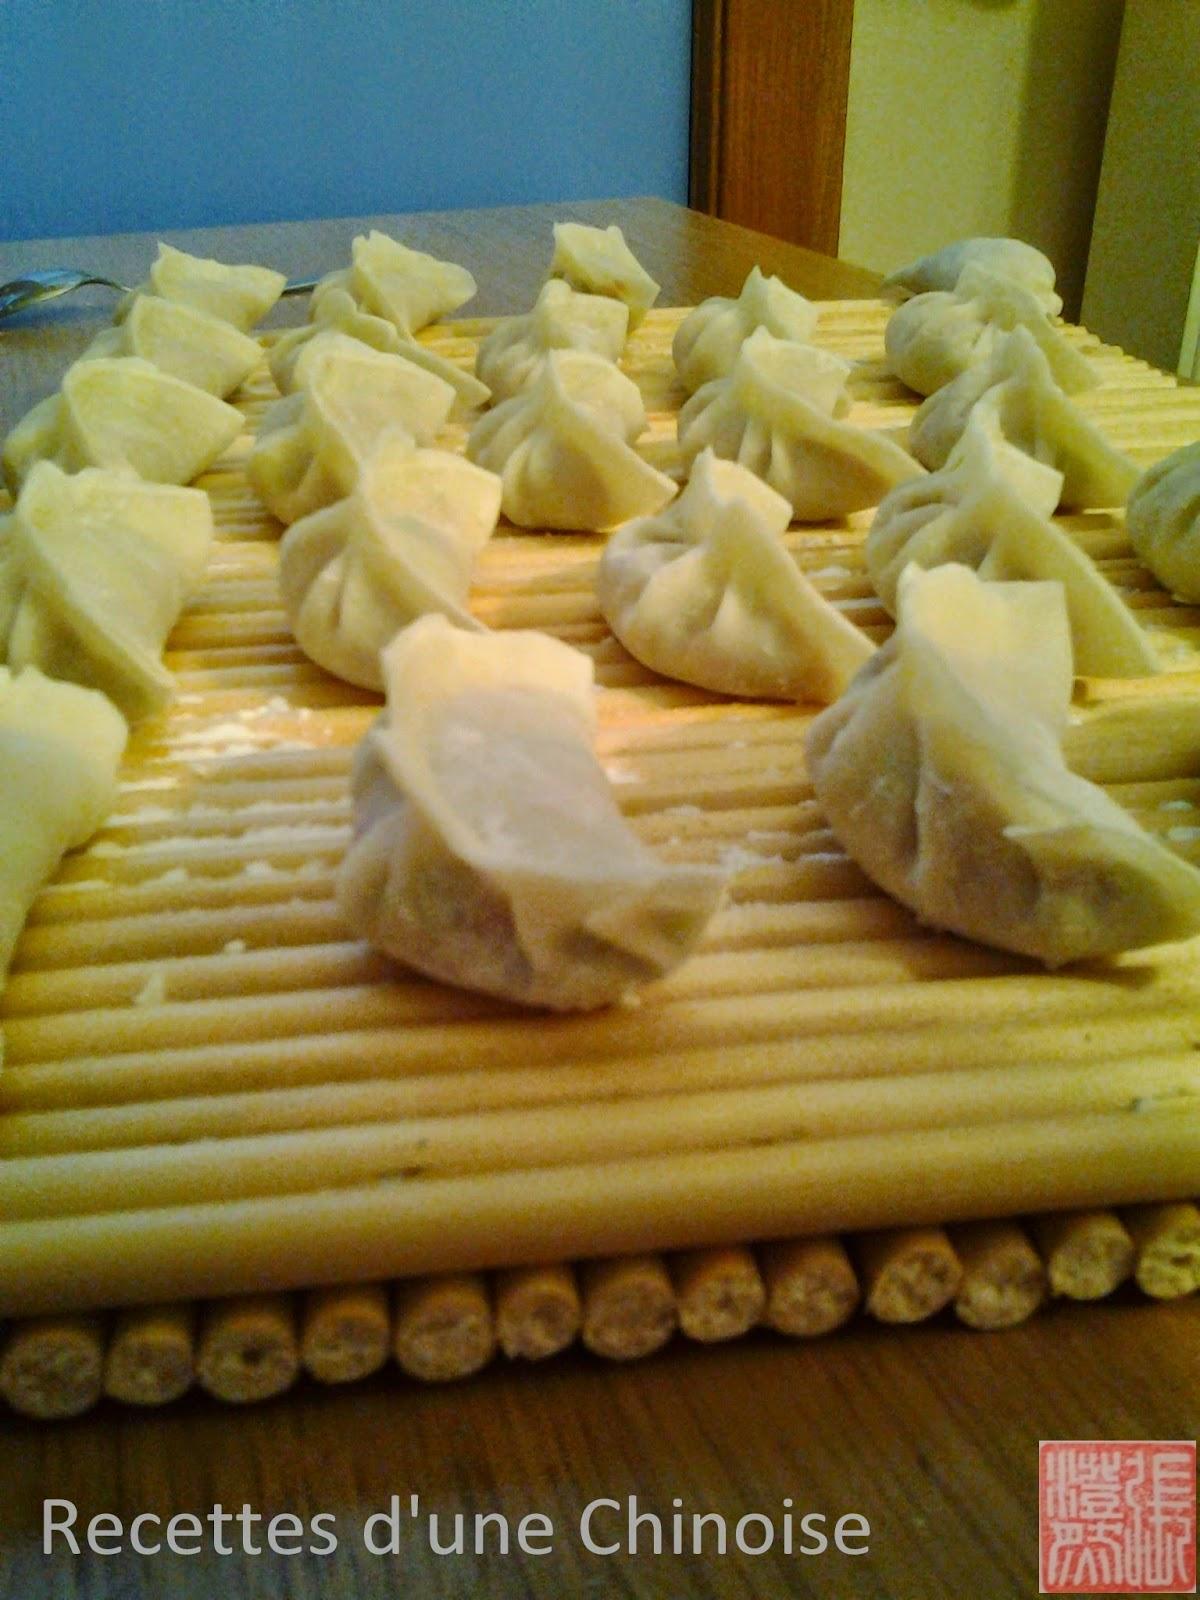 recettes d 39 une chinoise raviolis au porc et poireau zh r u d c ng shu ji o. Black Bedroom Furniture Sets. Home Design Ideas